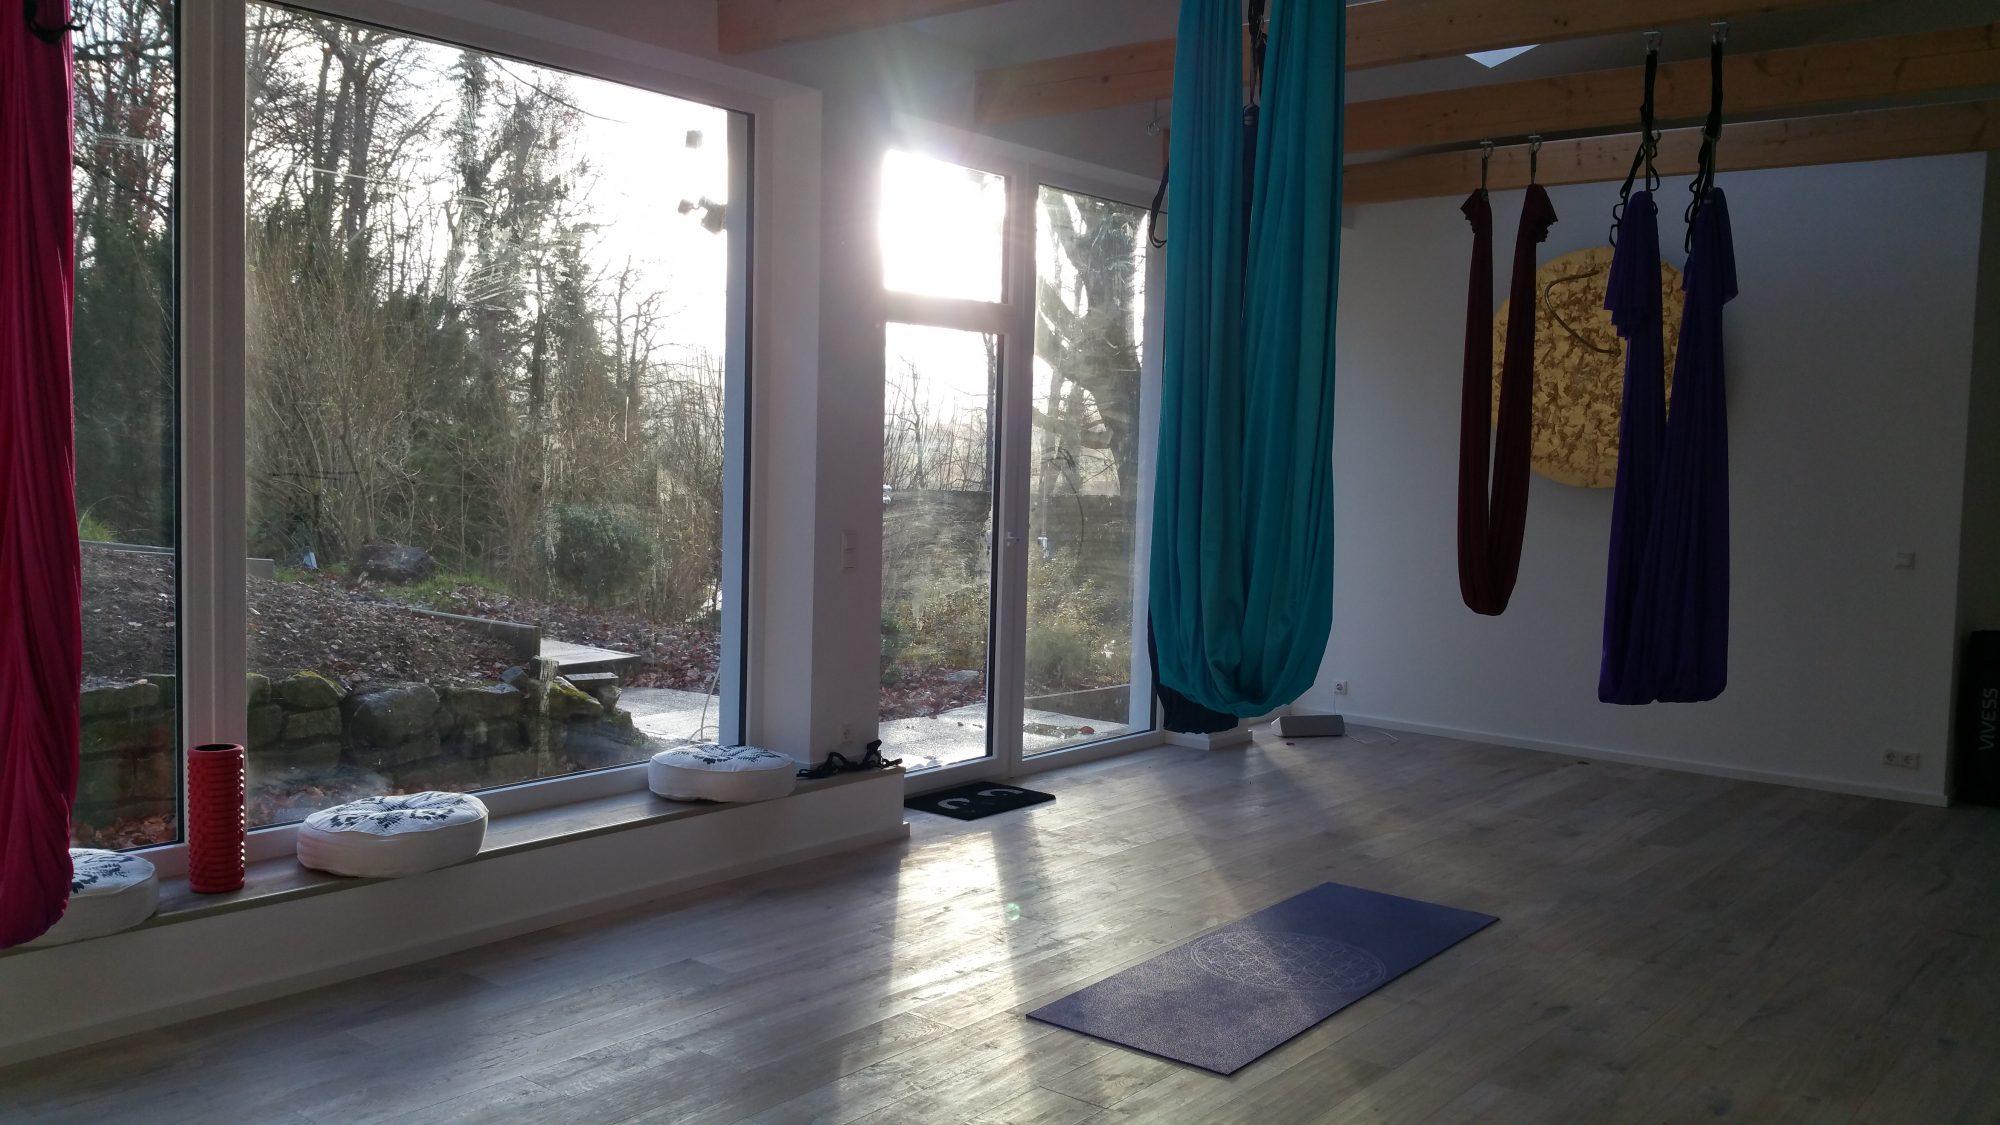 location-hildesheim-workshops